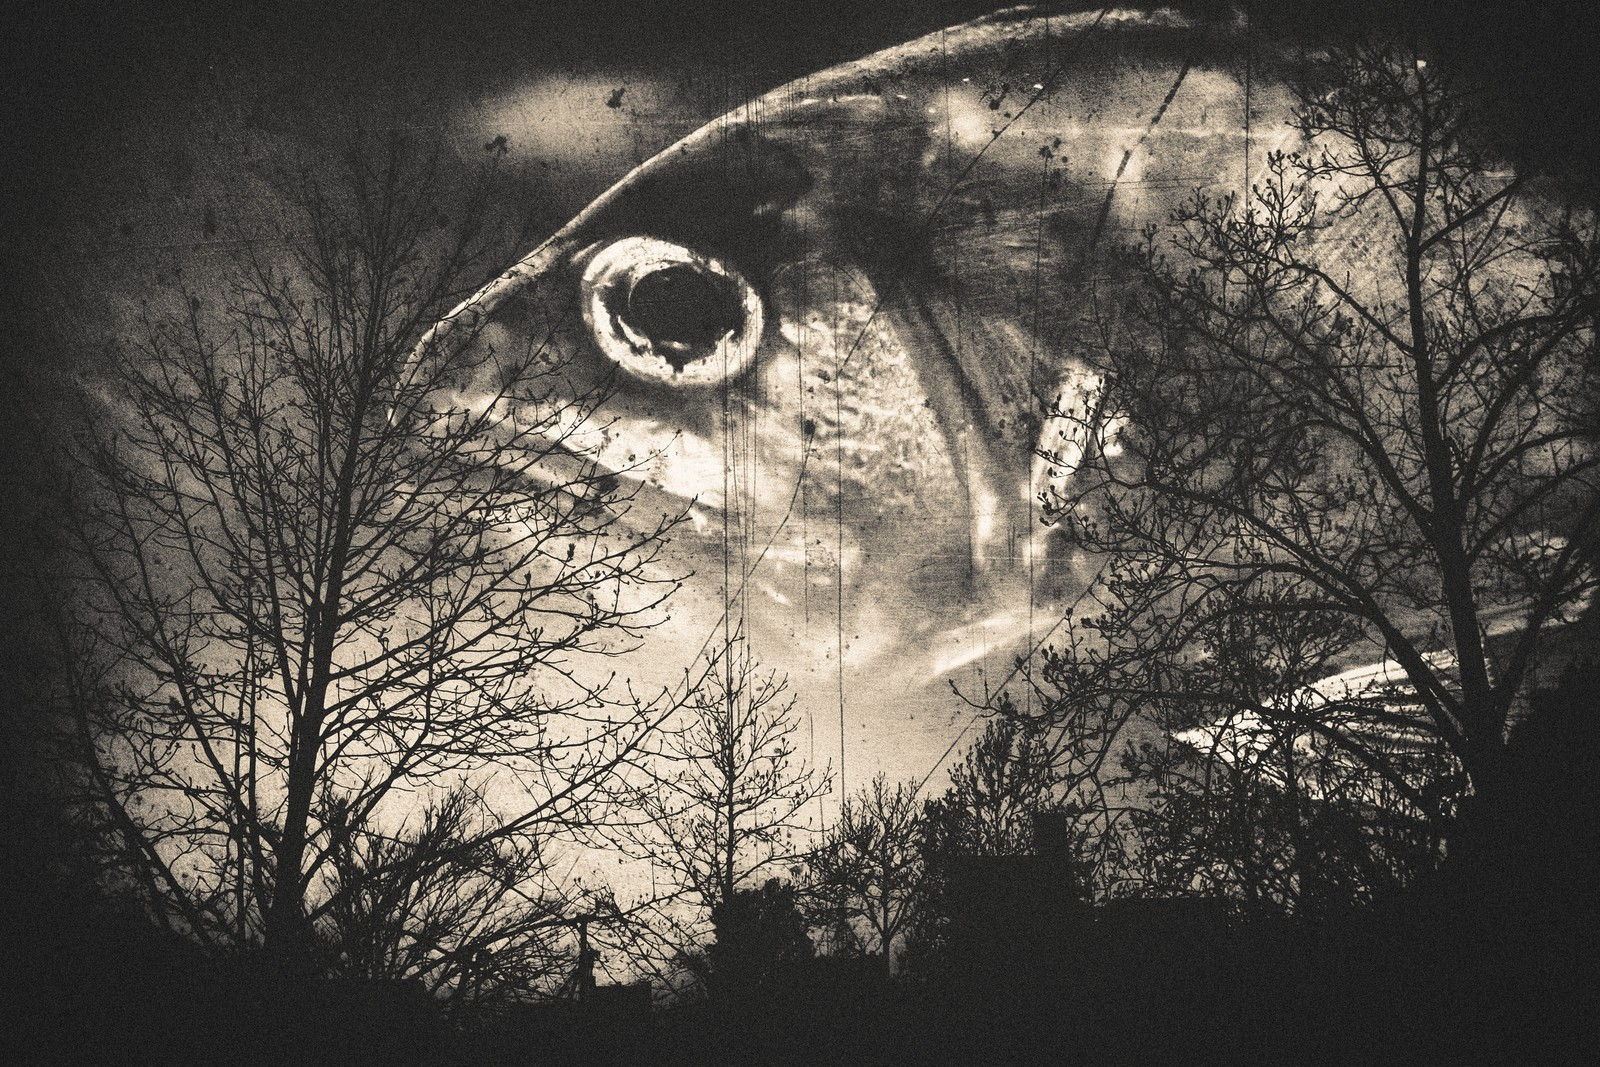 「森の番人(フォトモンタージュ)」の写真